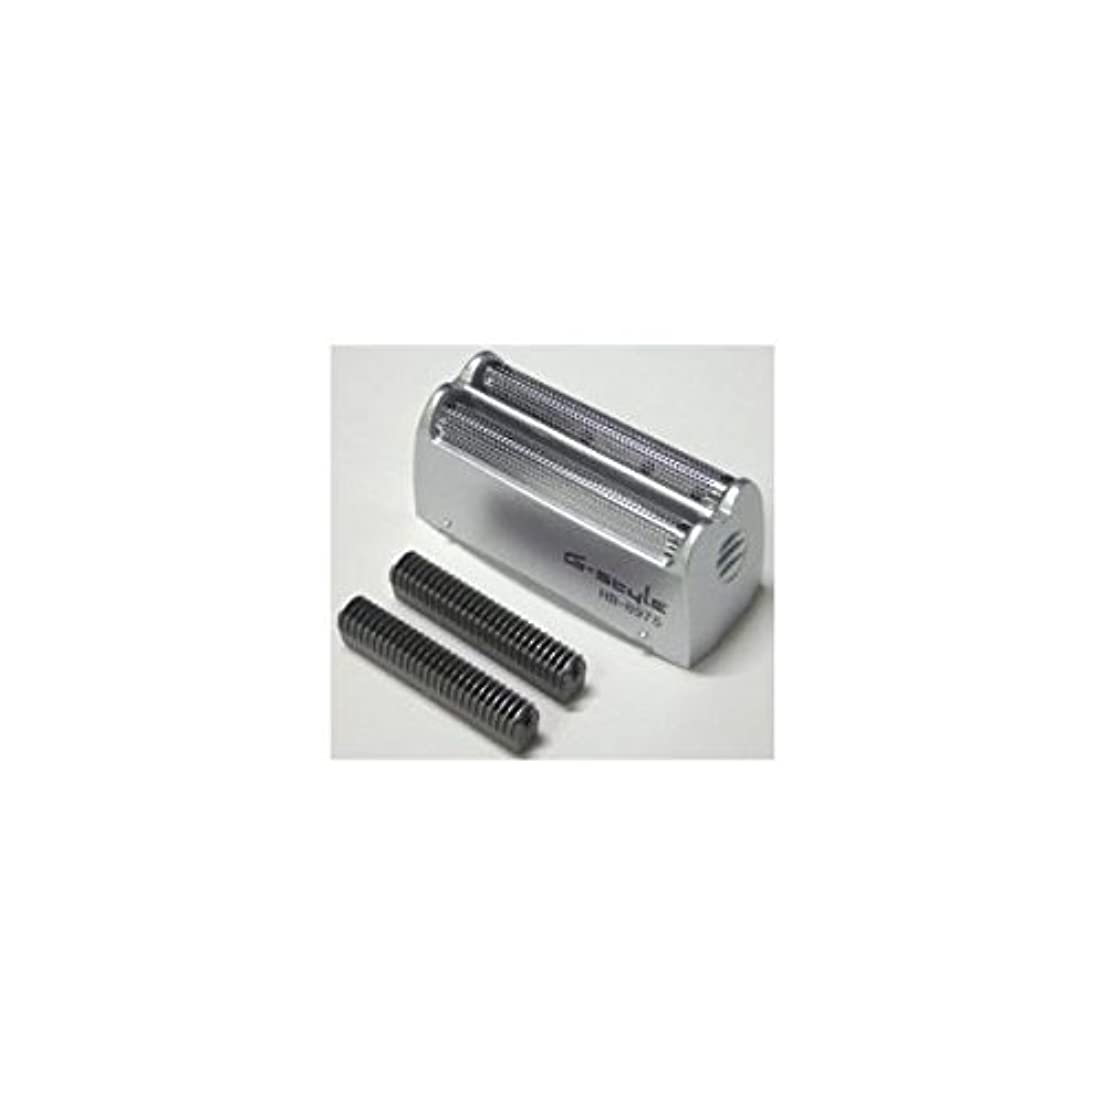 表面同種ののぞき穴オーム電機 シェーバー用替え刃セット HB8981